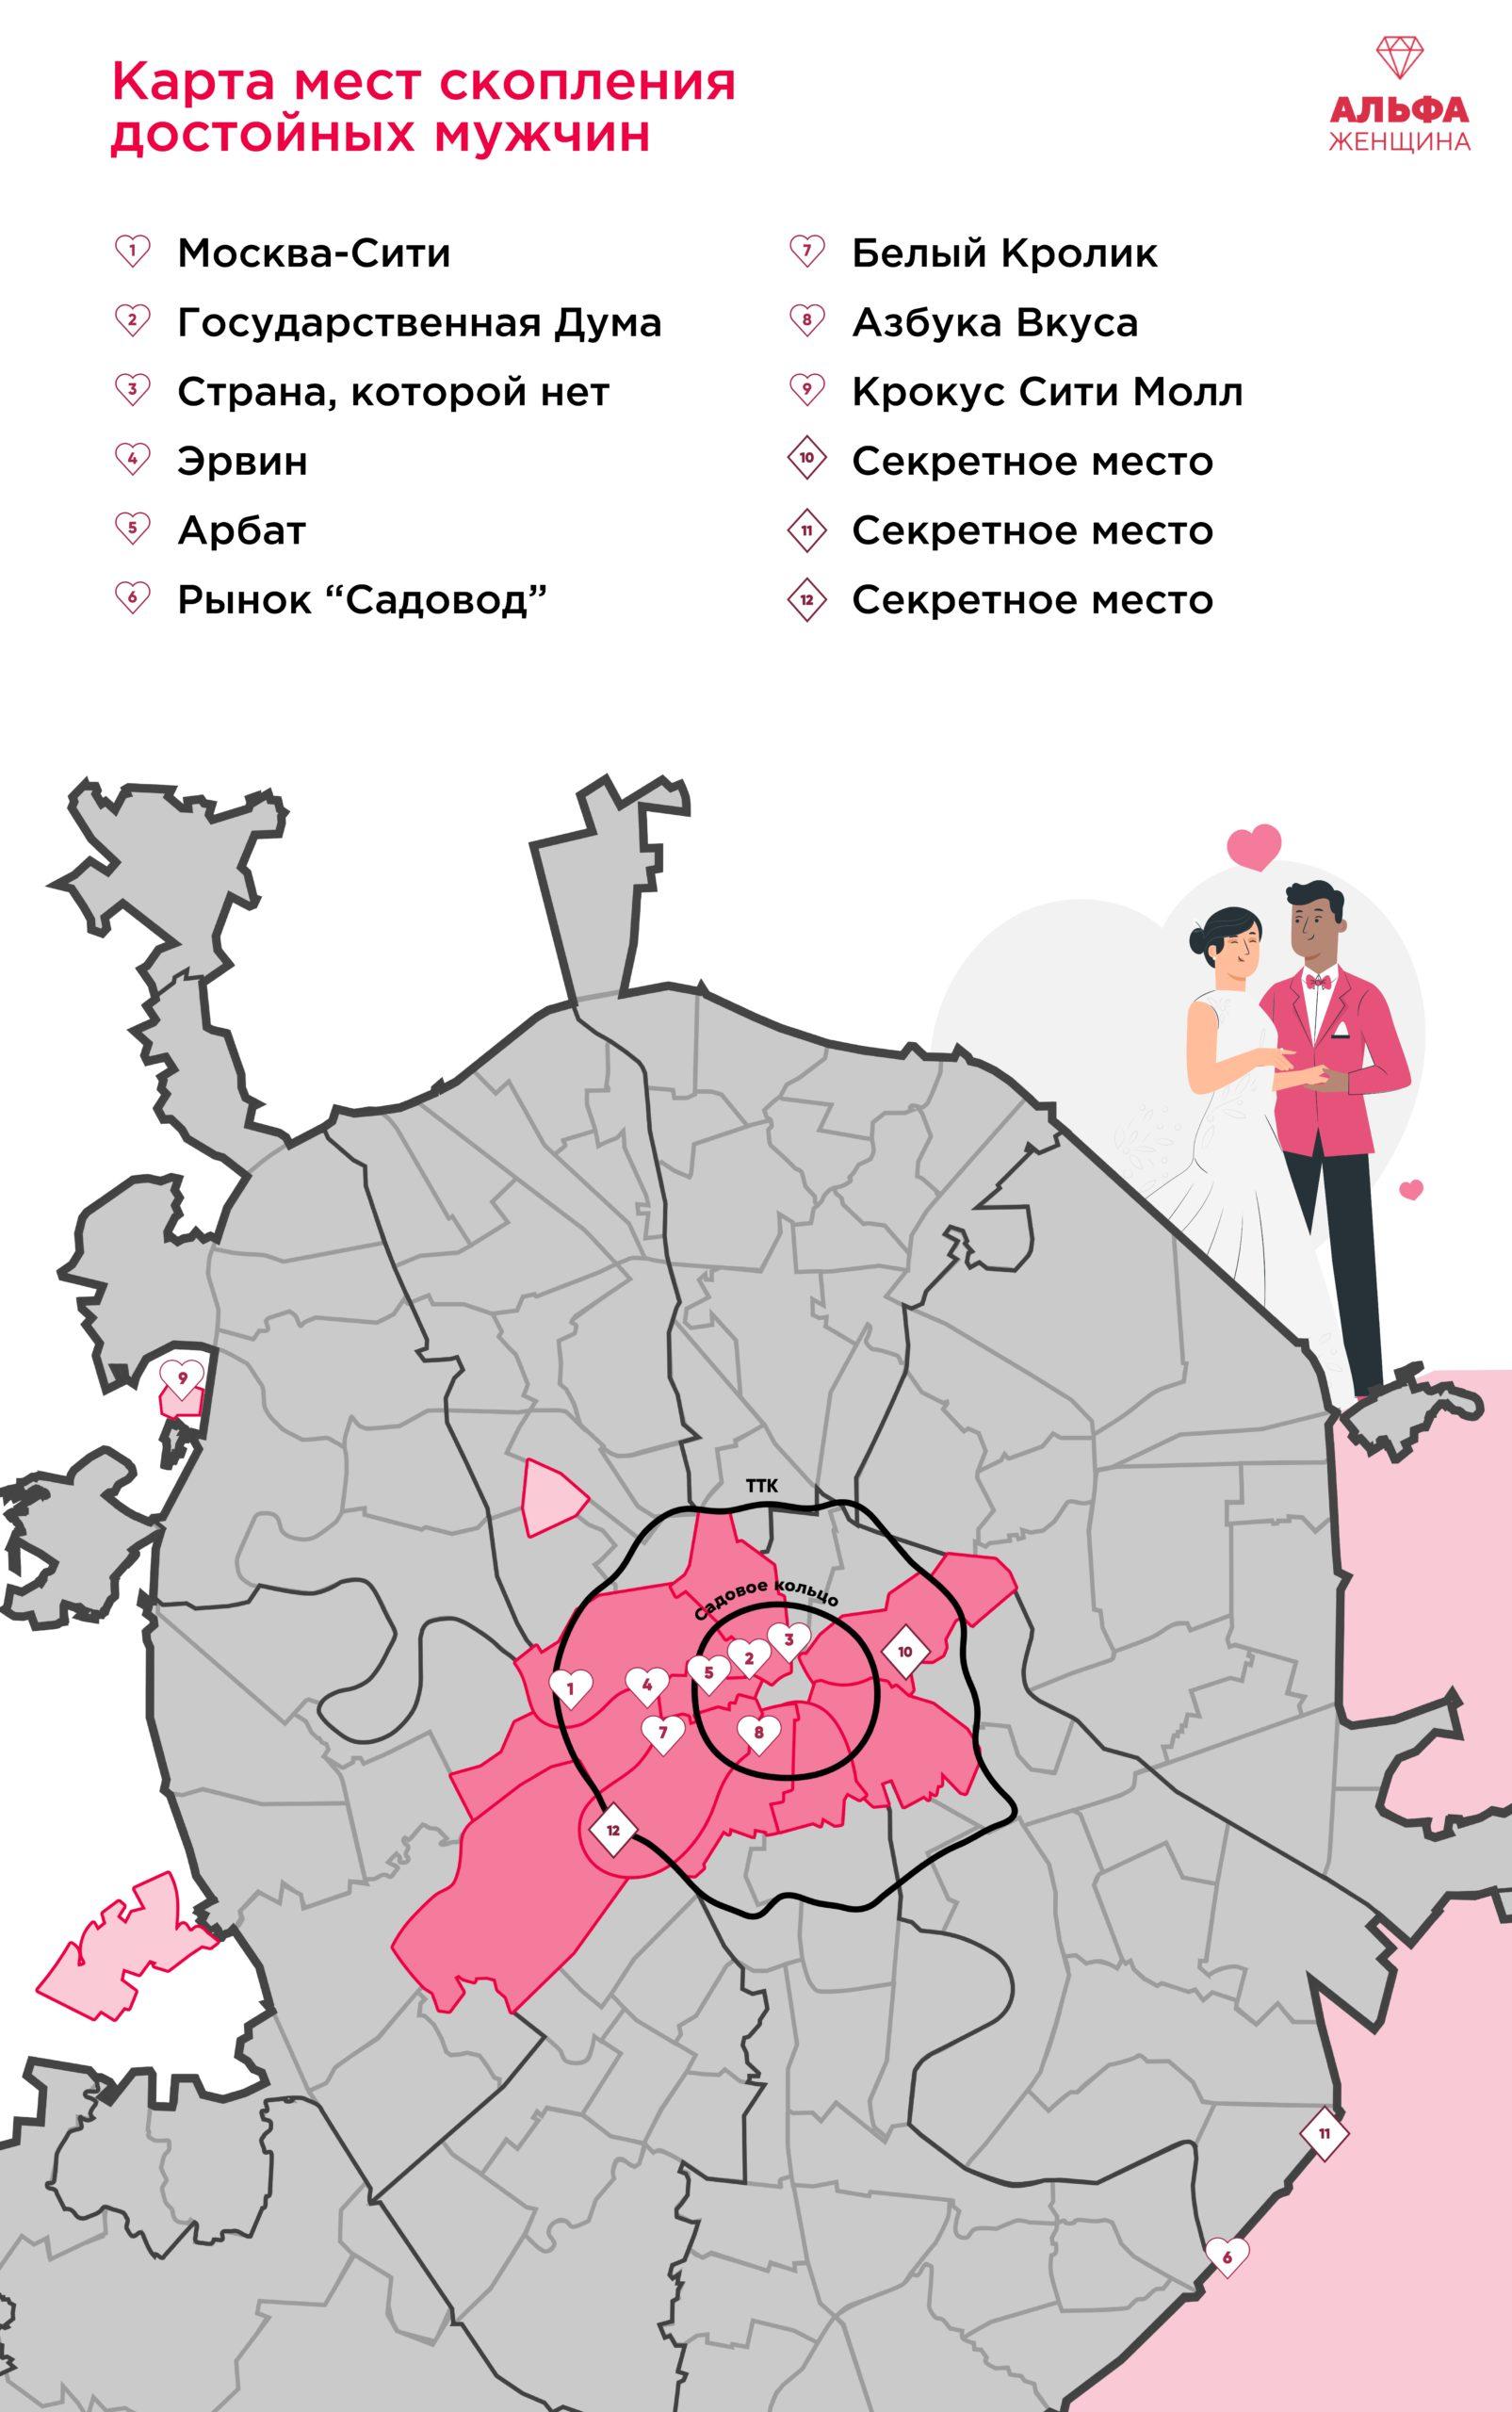 Карта мест в москве для удачных знакомств с мужчинами